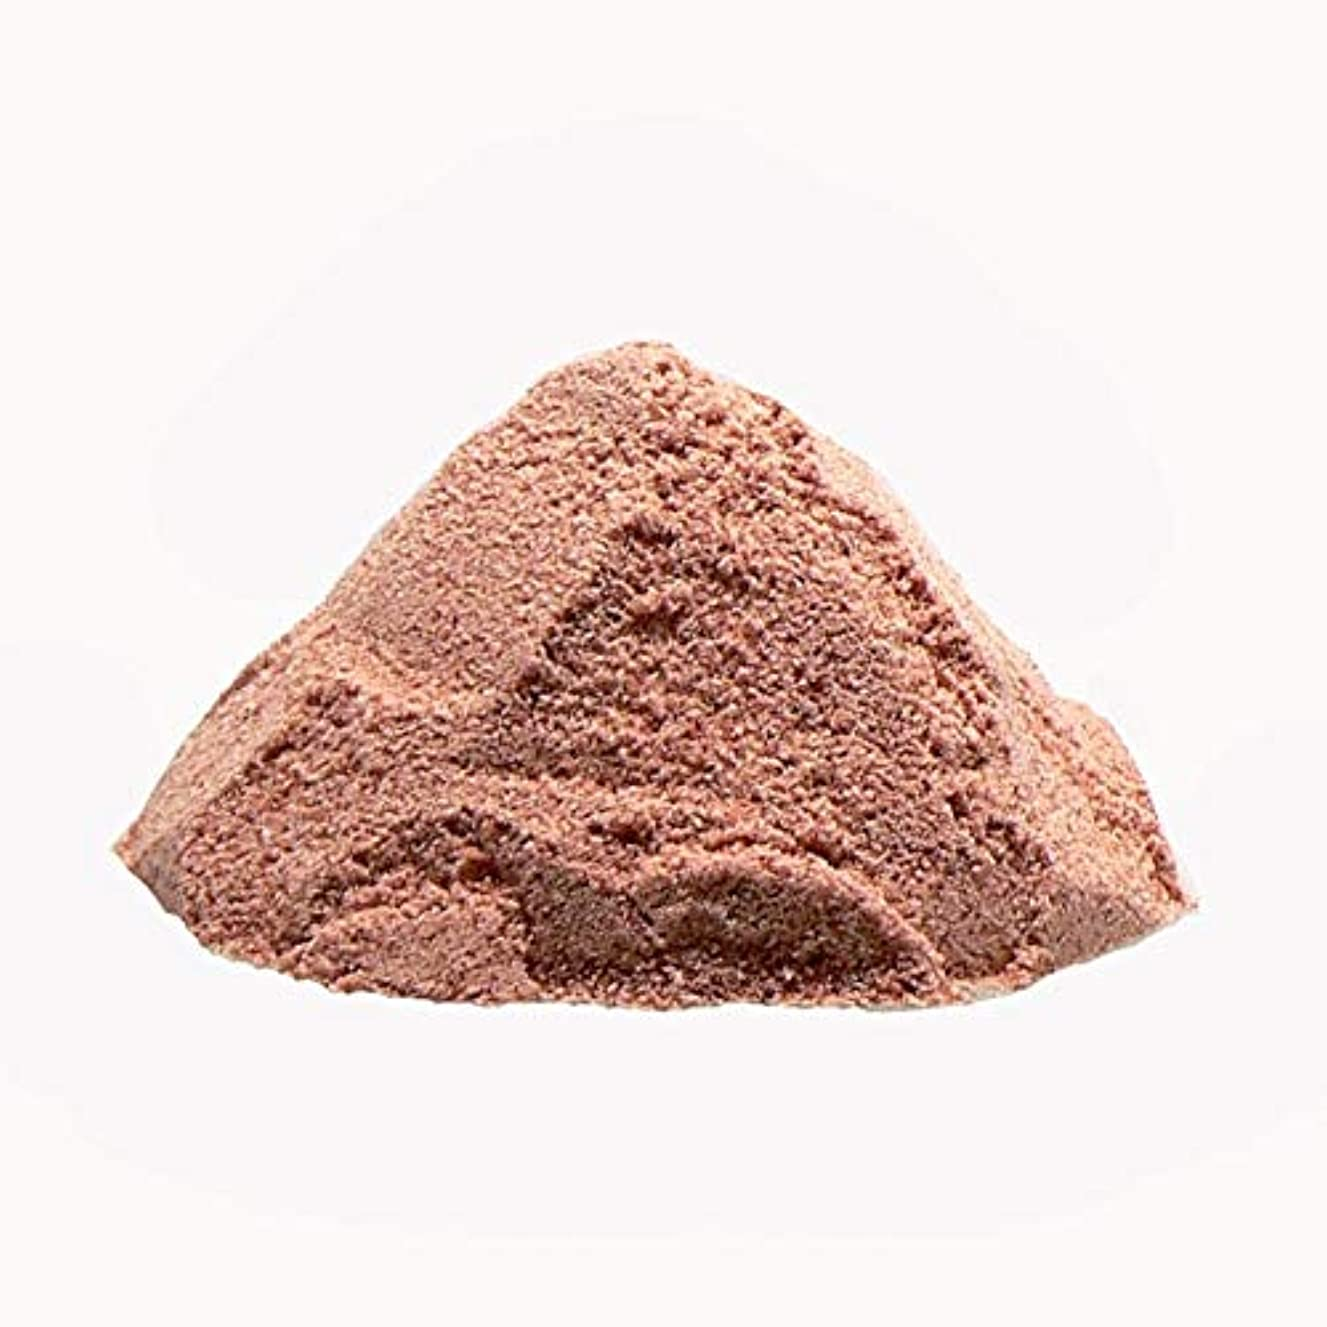 請負業者不十分なマウスピースヒマラヤ岩塩 プレミアム ルビーソルト バスソルト(パウダー)ネパール産 ルビー岩塩 (600g×2個セット)